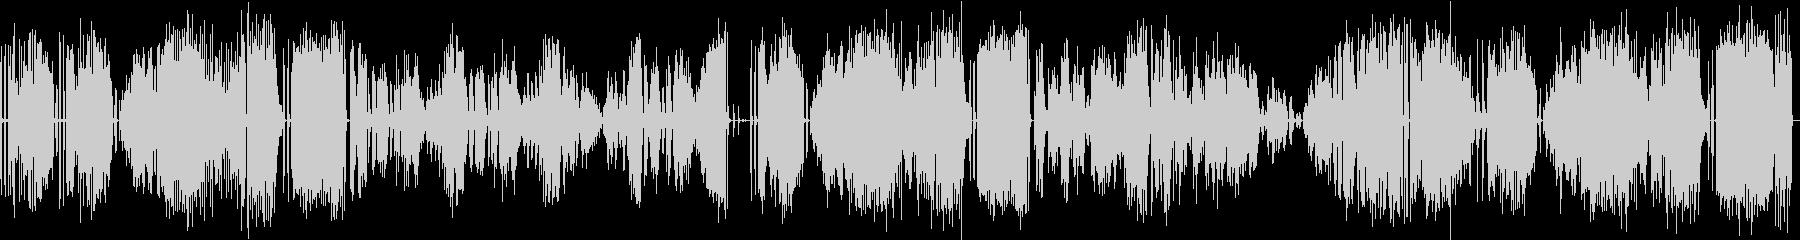 グランドピアノで演奏したクラシック曲の未再生の波形